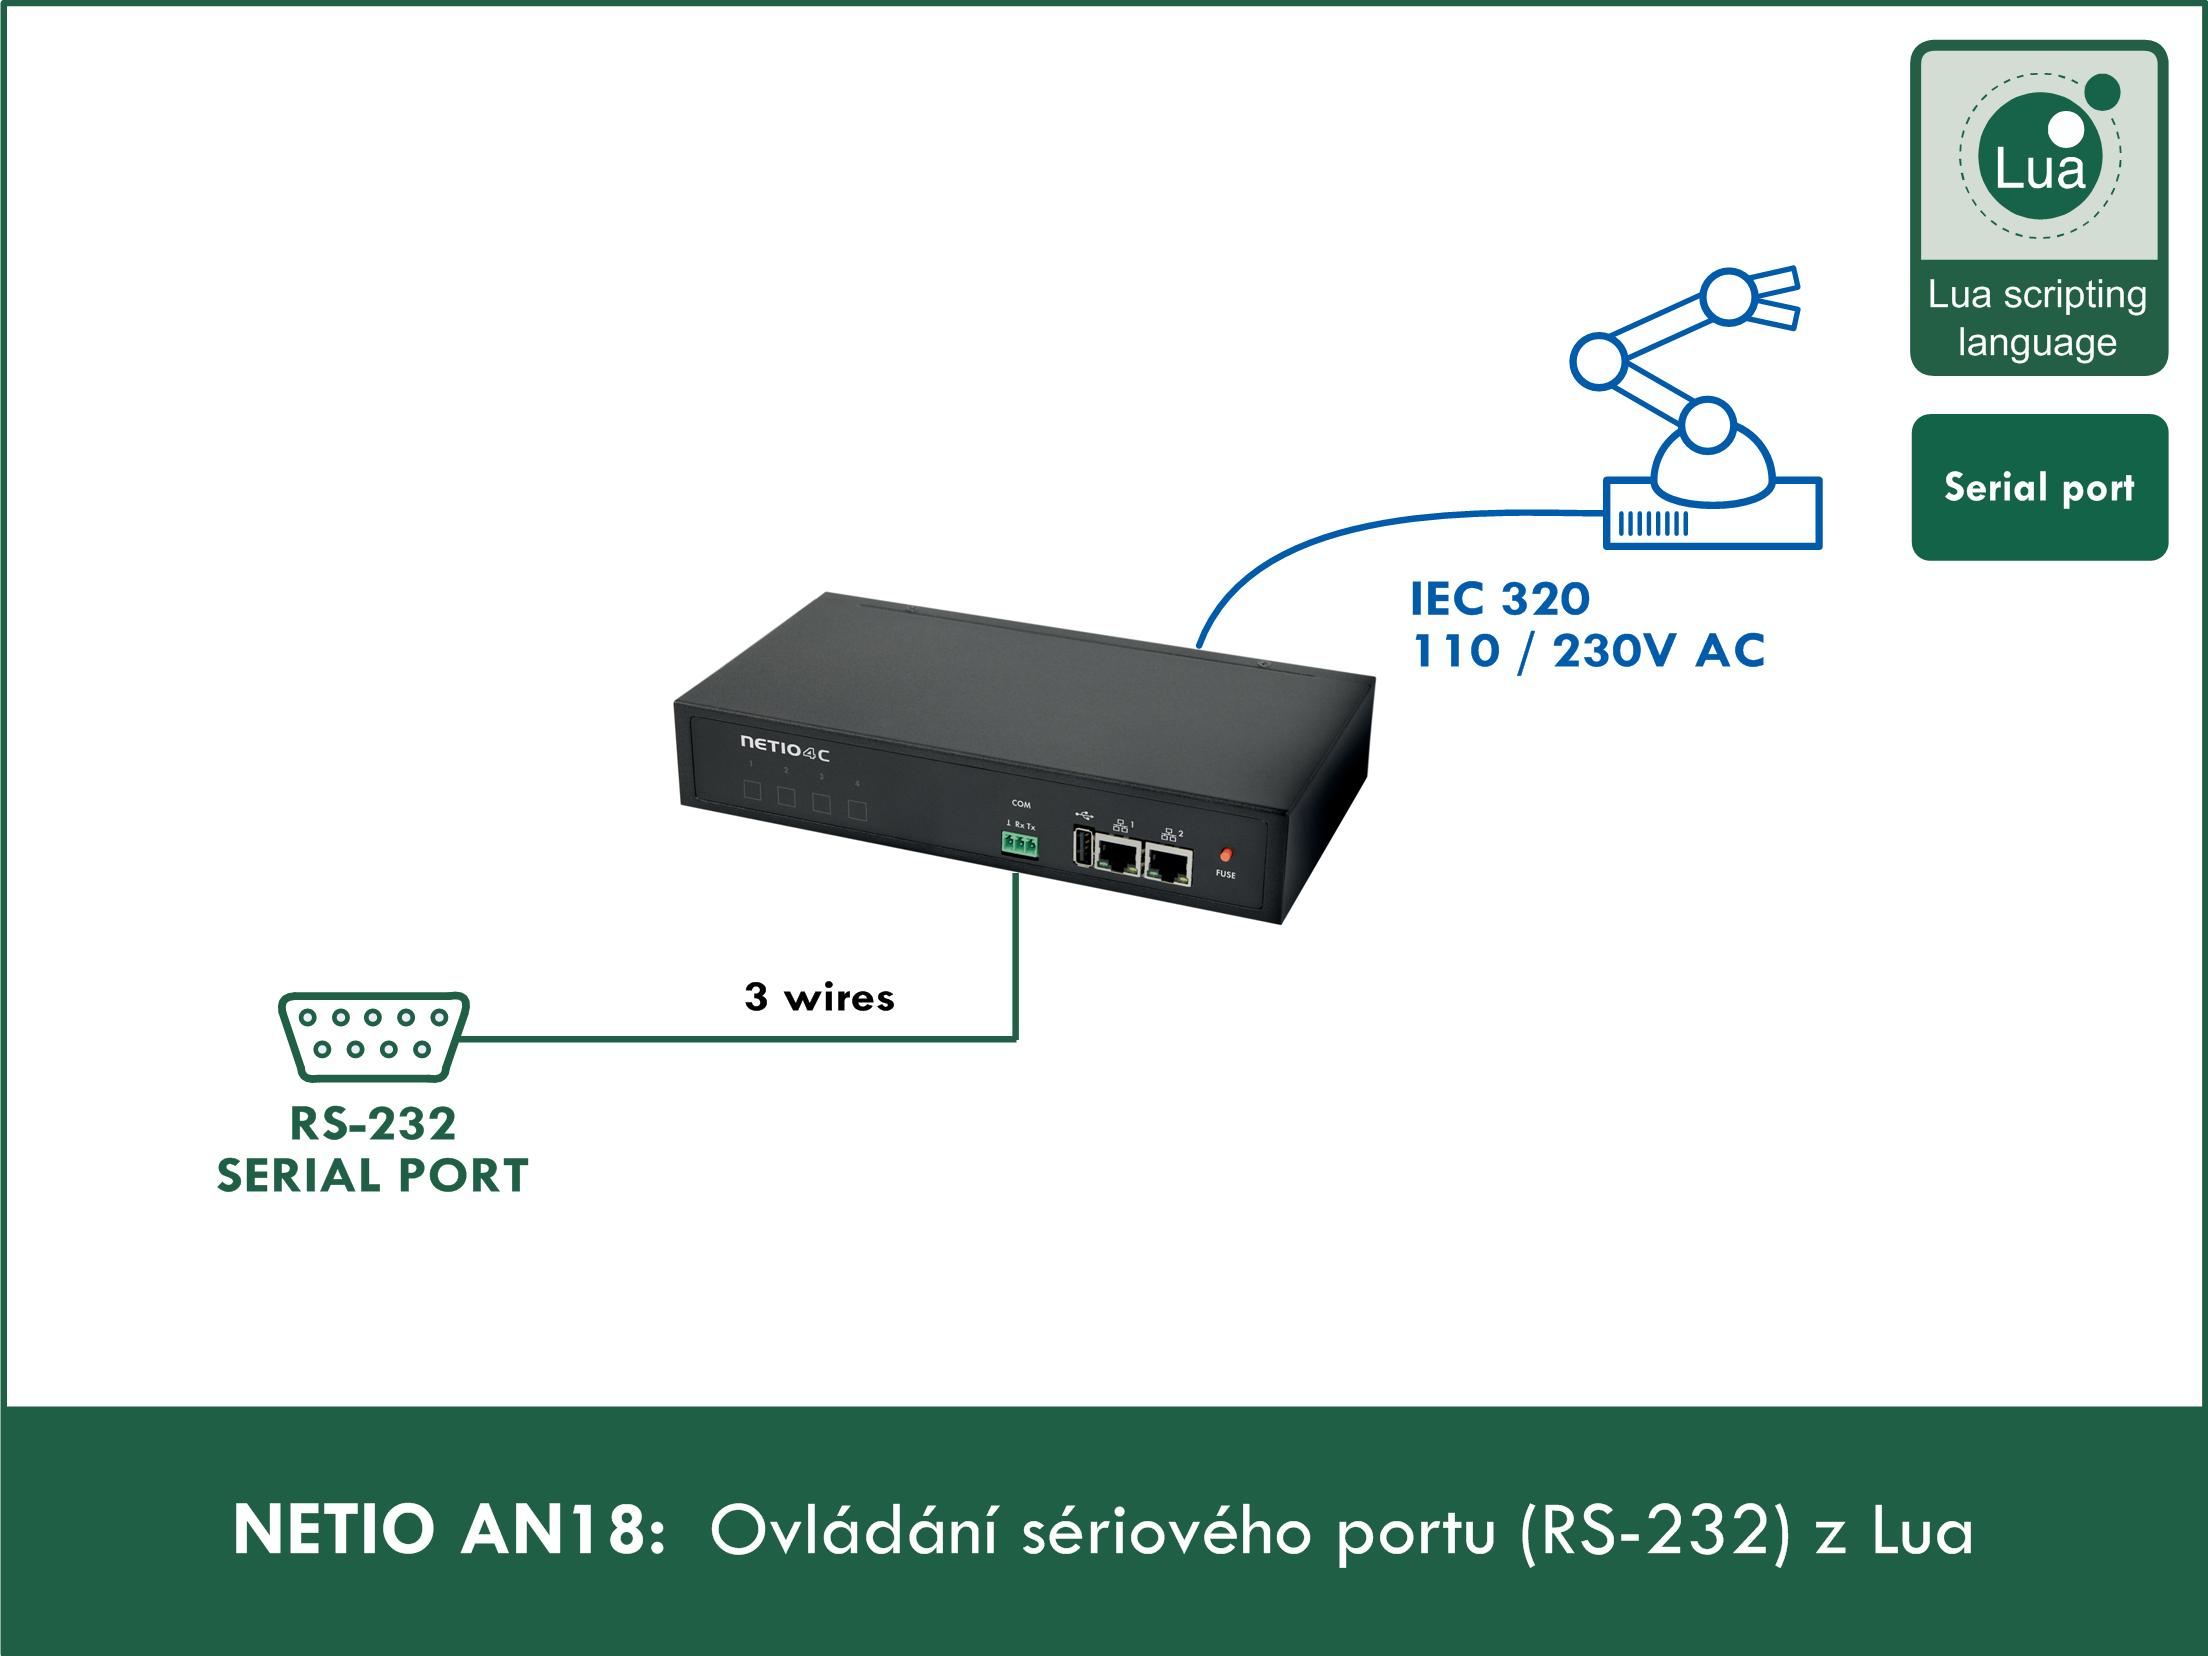 Ovládání sériového portu (RS-232) chytrých zásuvek NETIO pomocí Lua programovacího jazyka